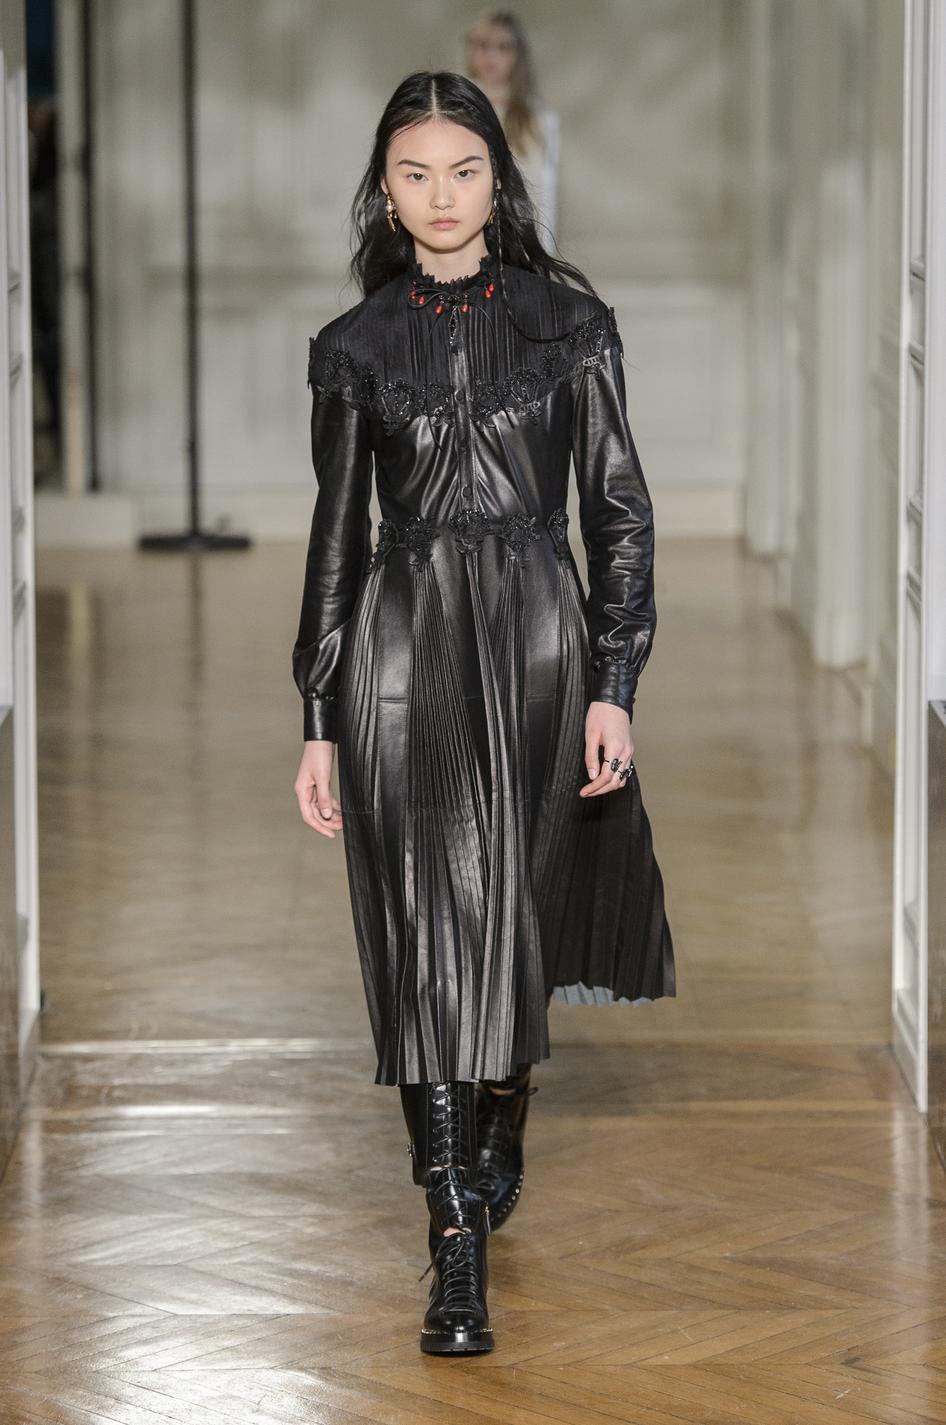 Modele robe noire classique